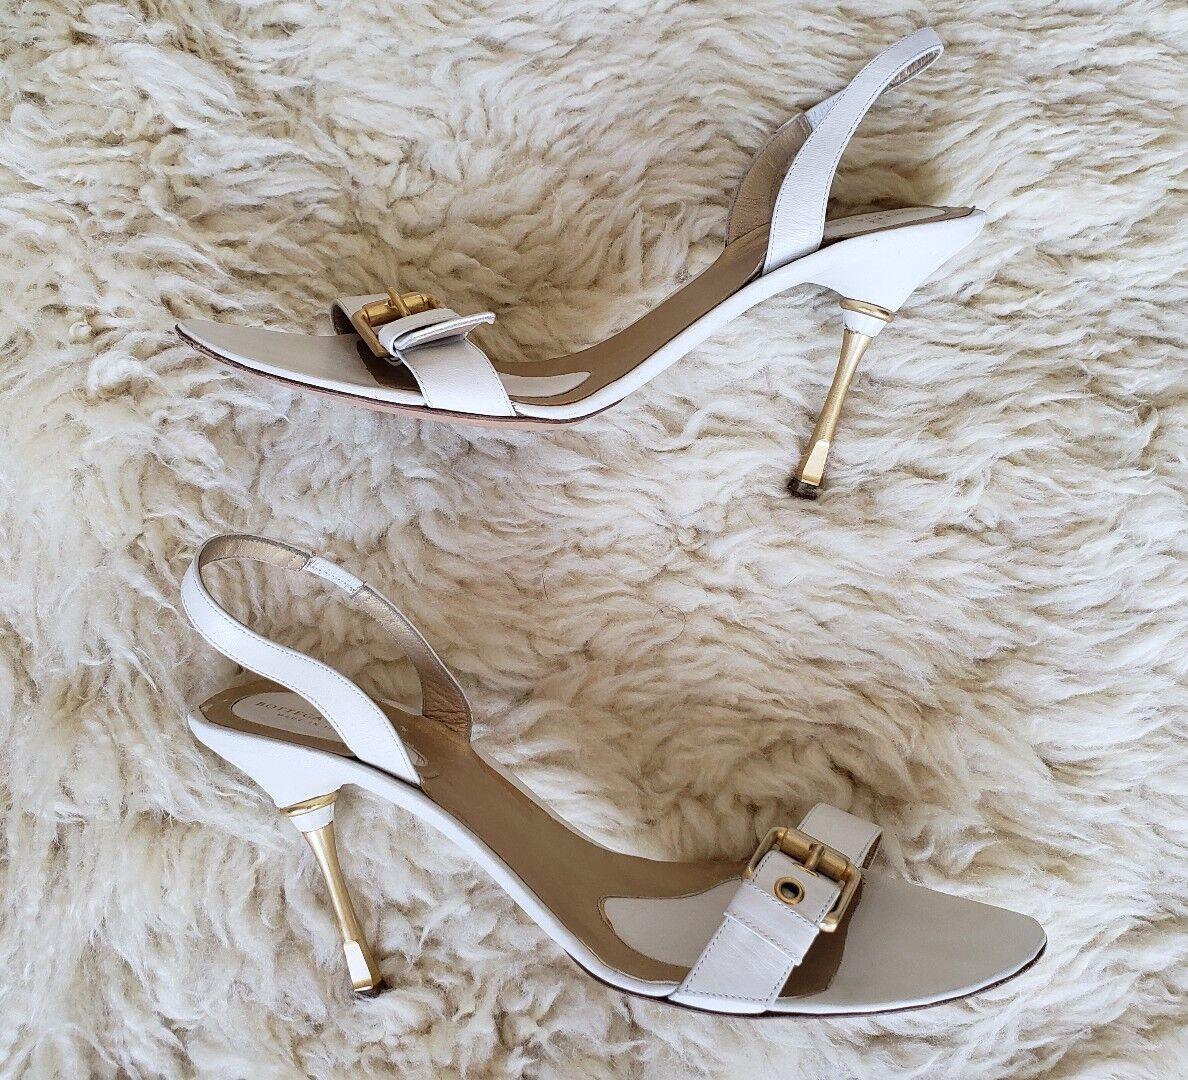 grande sconto Bottega Veneta Dimensione Dimensione Dimensione 39 bianca oro Buckle Heel Sandals Leather  Slingback  offerta speciale